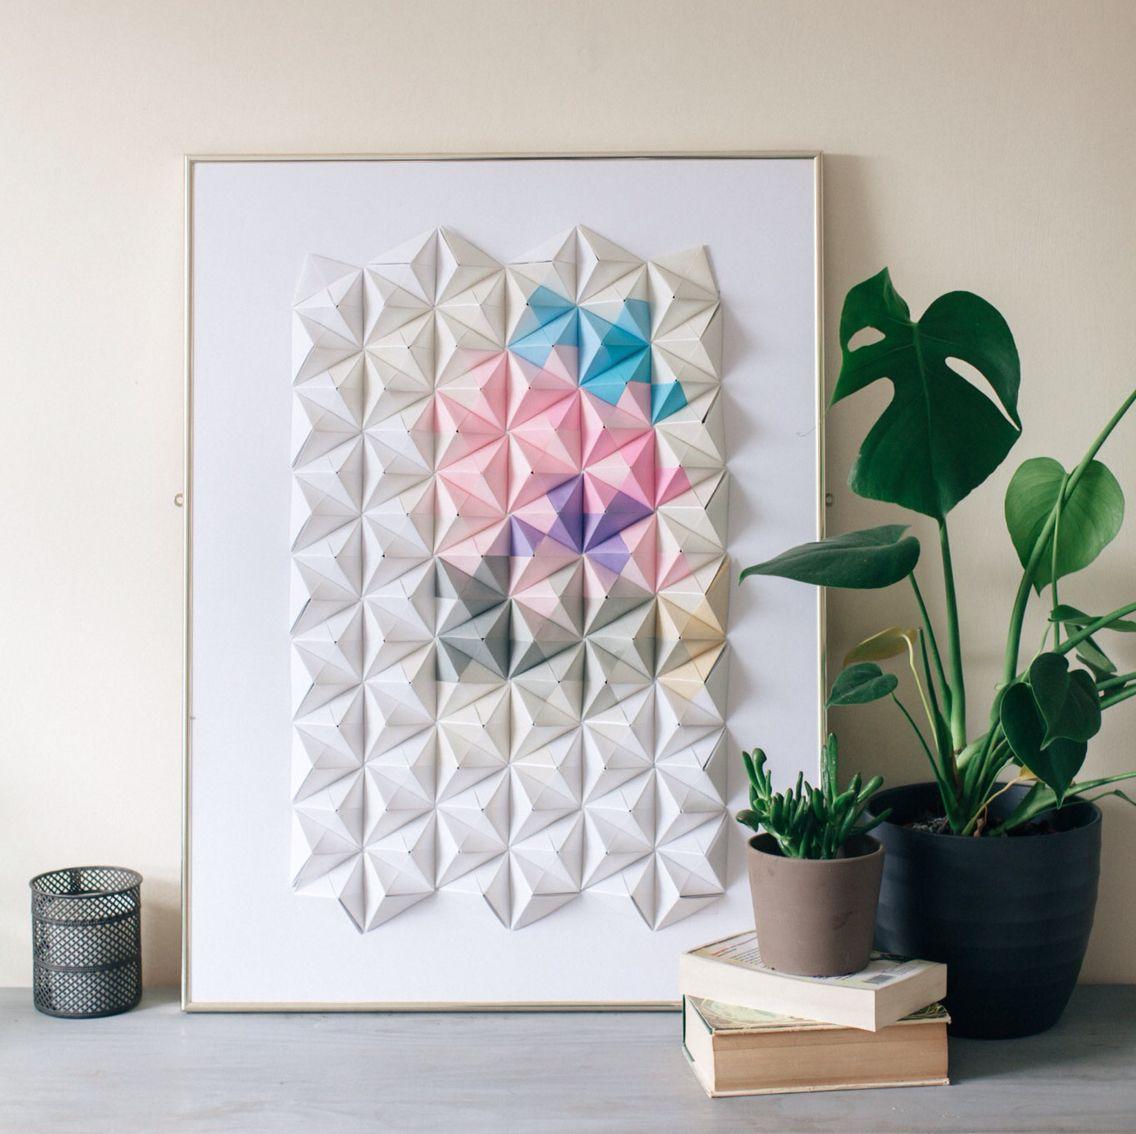 Sonobe unit origami wall art by coco sato cocosato